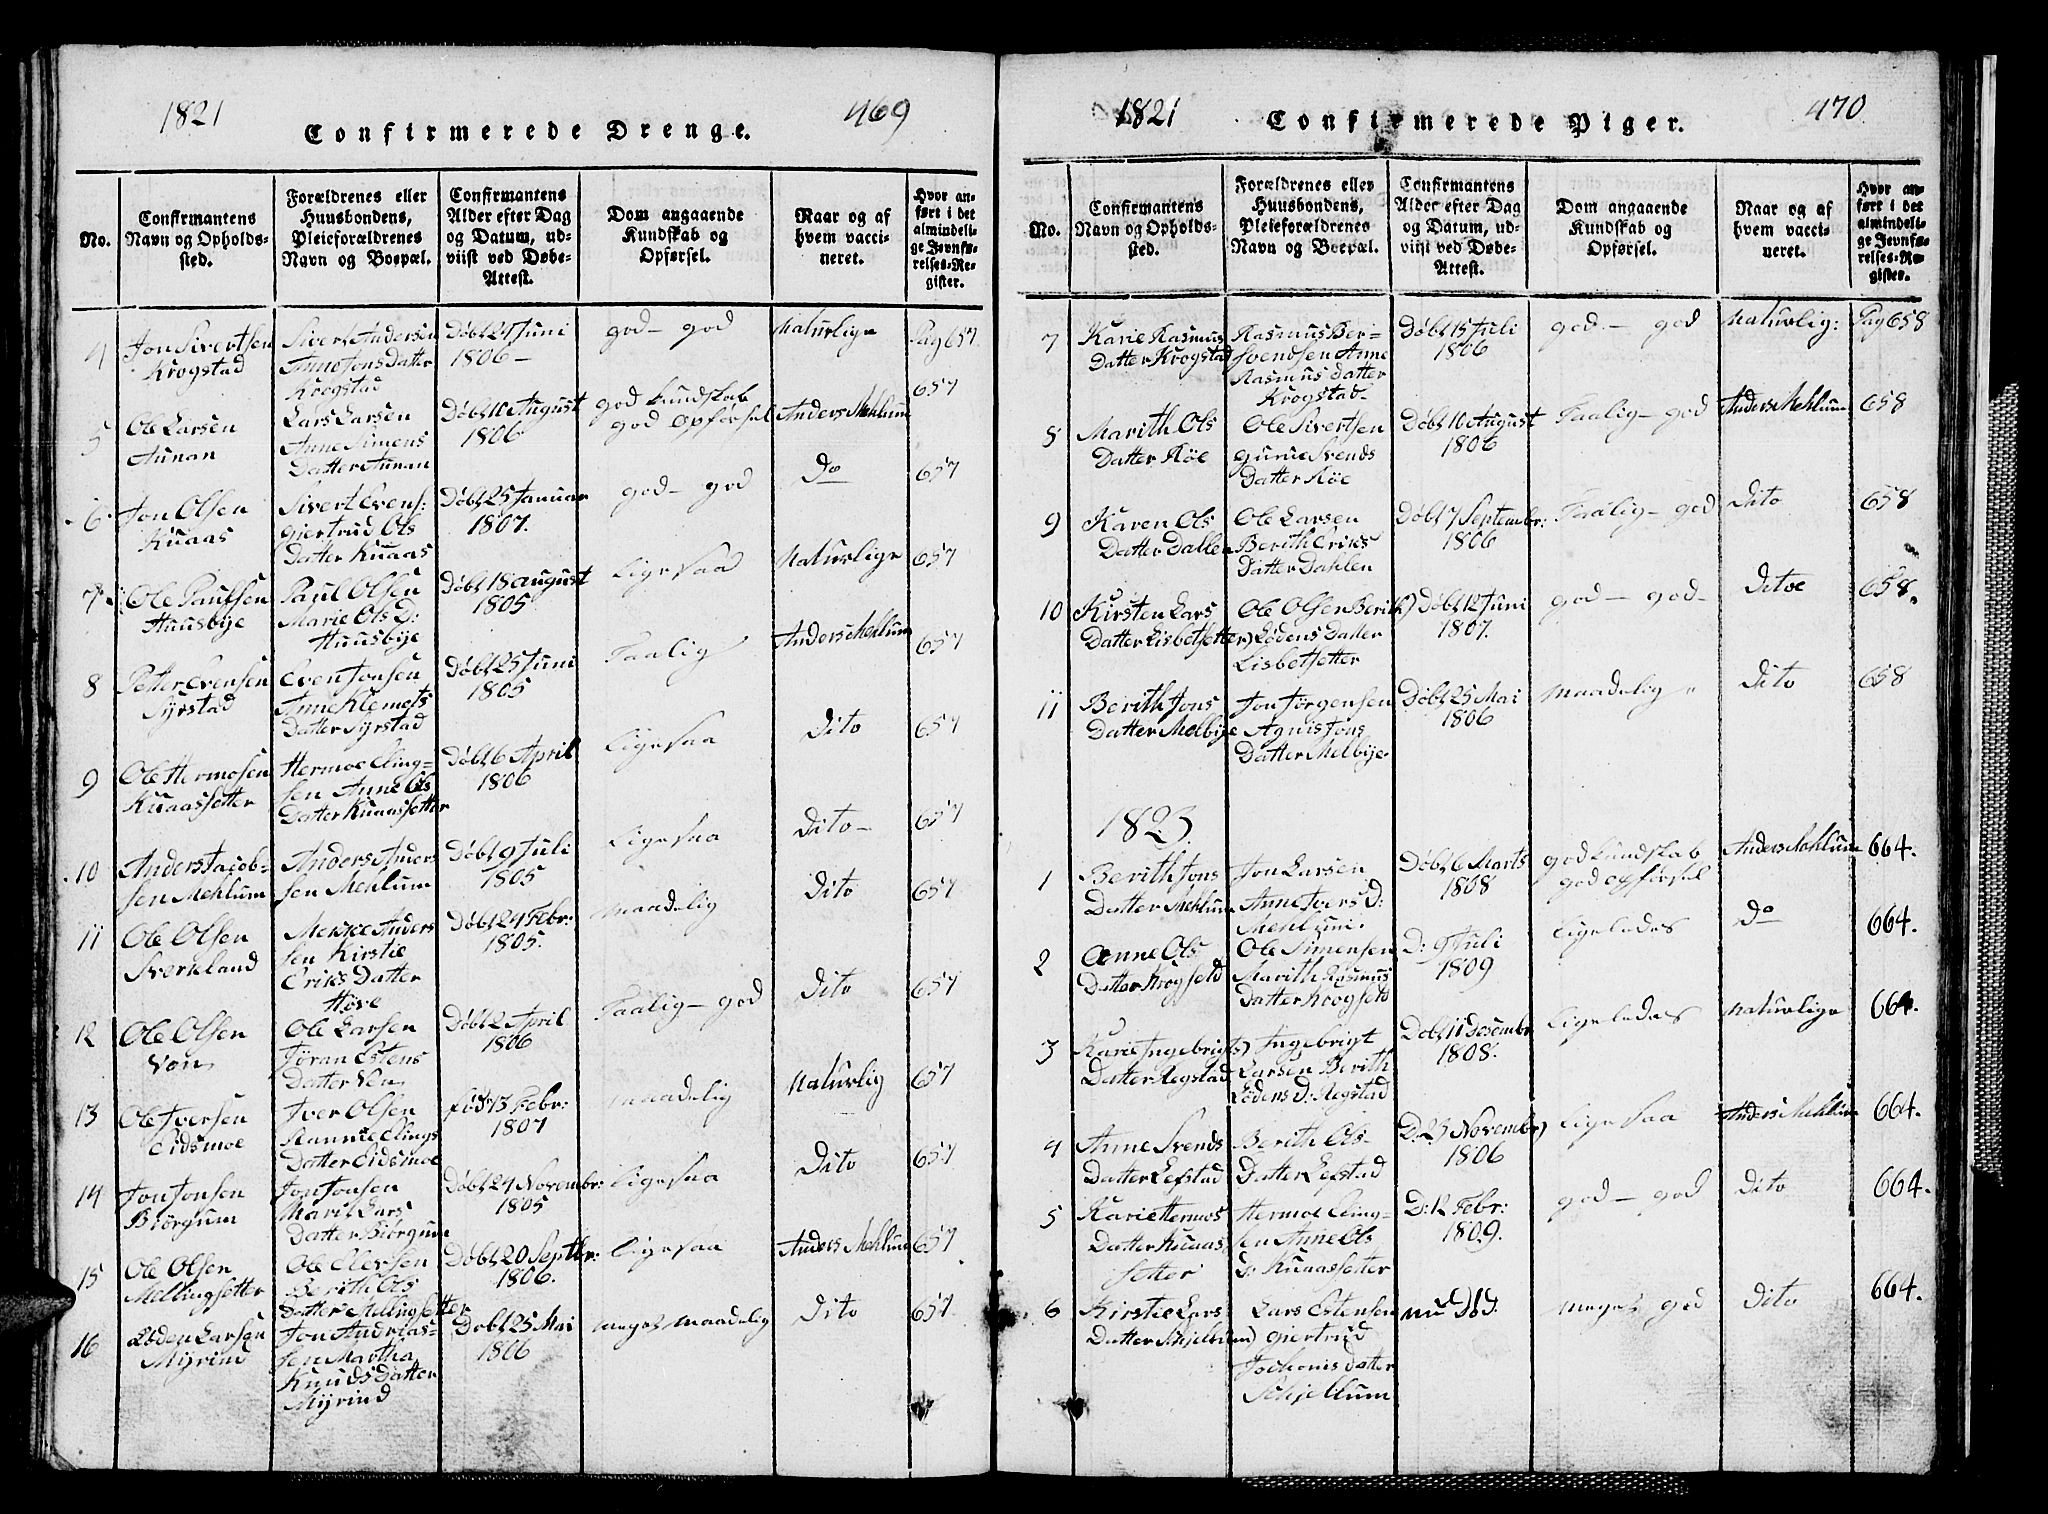 SAT, Ministerialprotokoller, klokkerbøker og fødselsregistre - Sør-Trøndelag, 667/L0796: Klokkerbok nr. 667C01, 1817-1836, s. 469-470